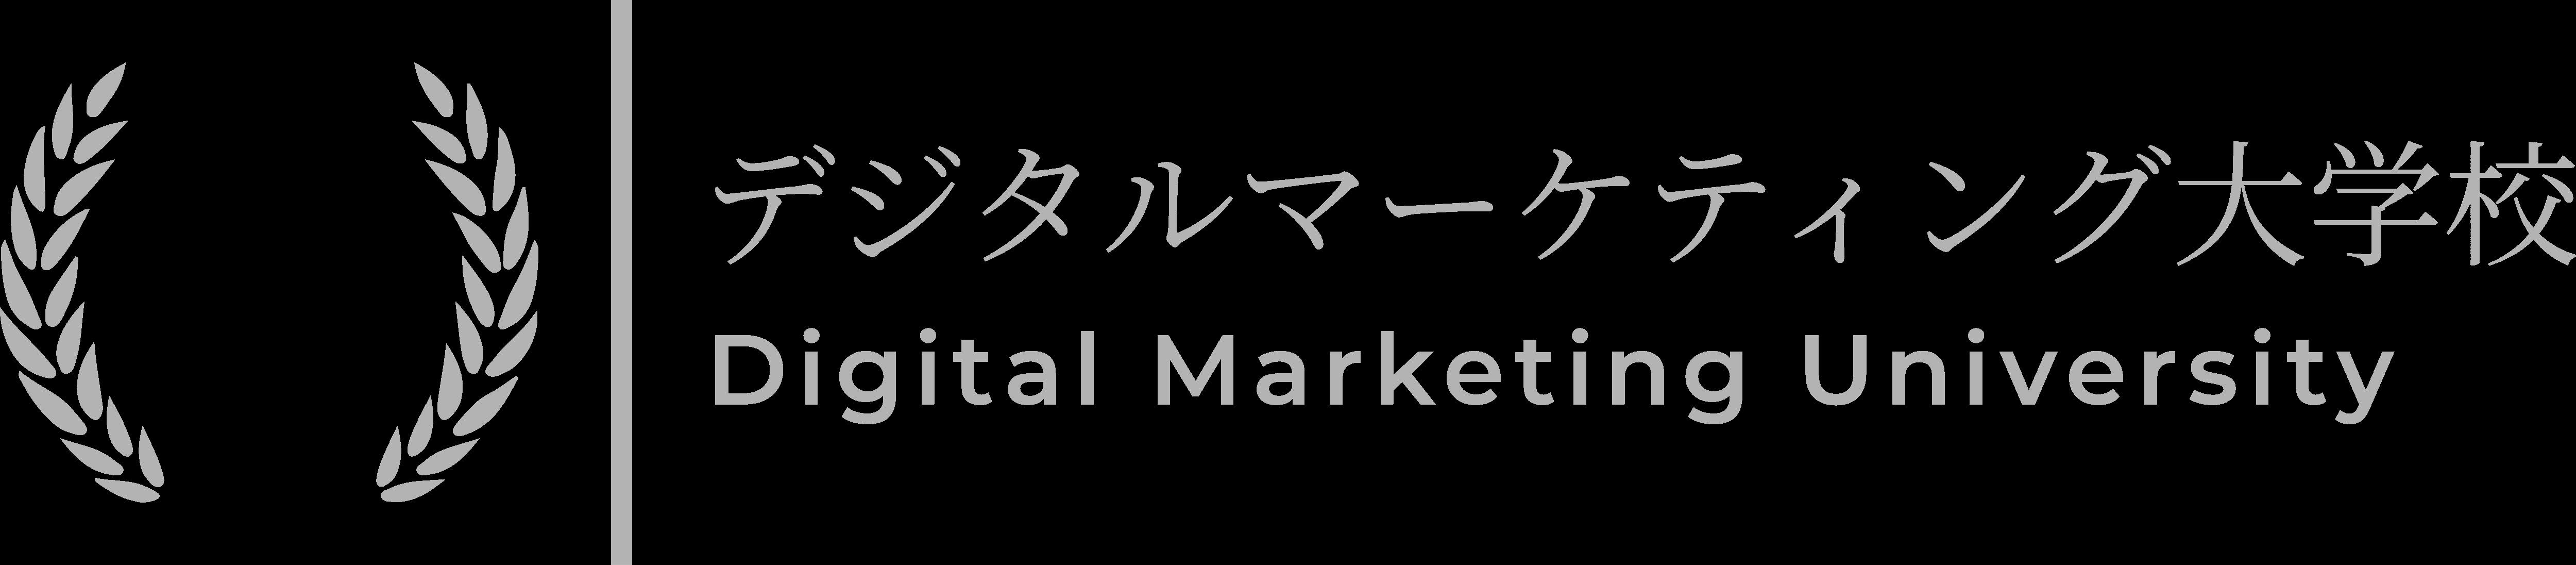 デジタルマーケティング大学校